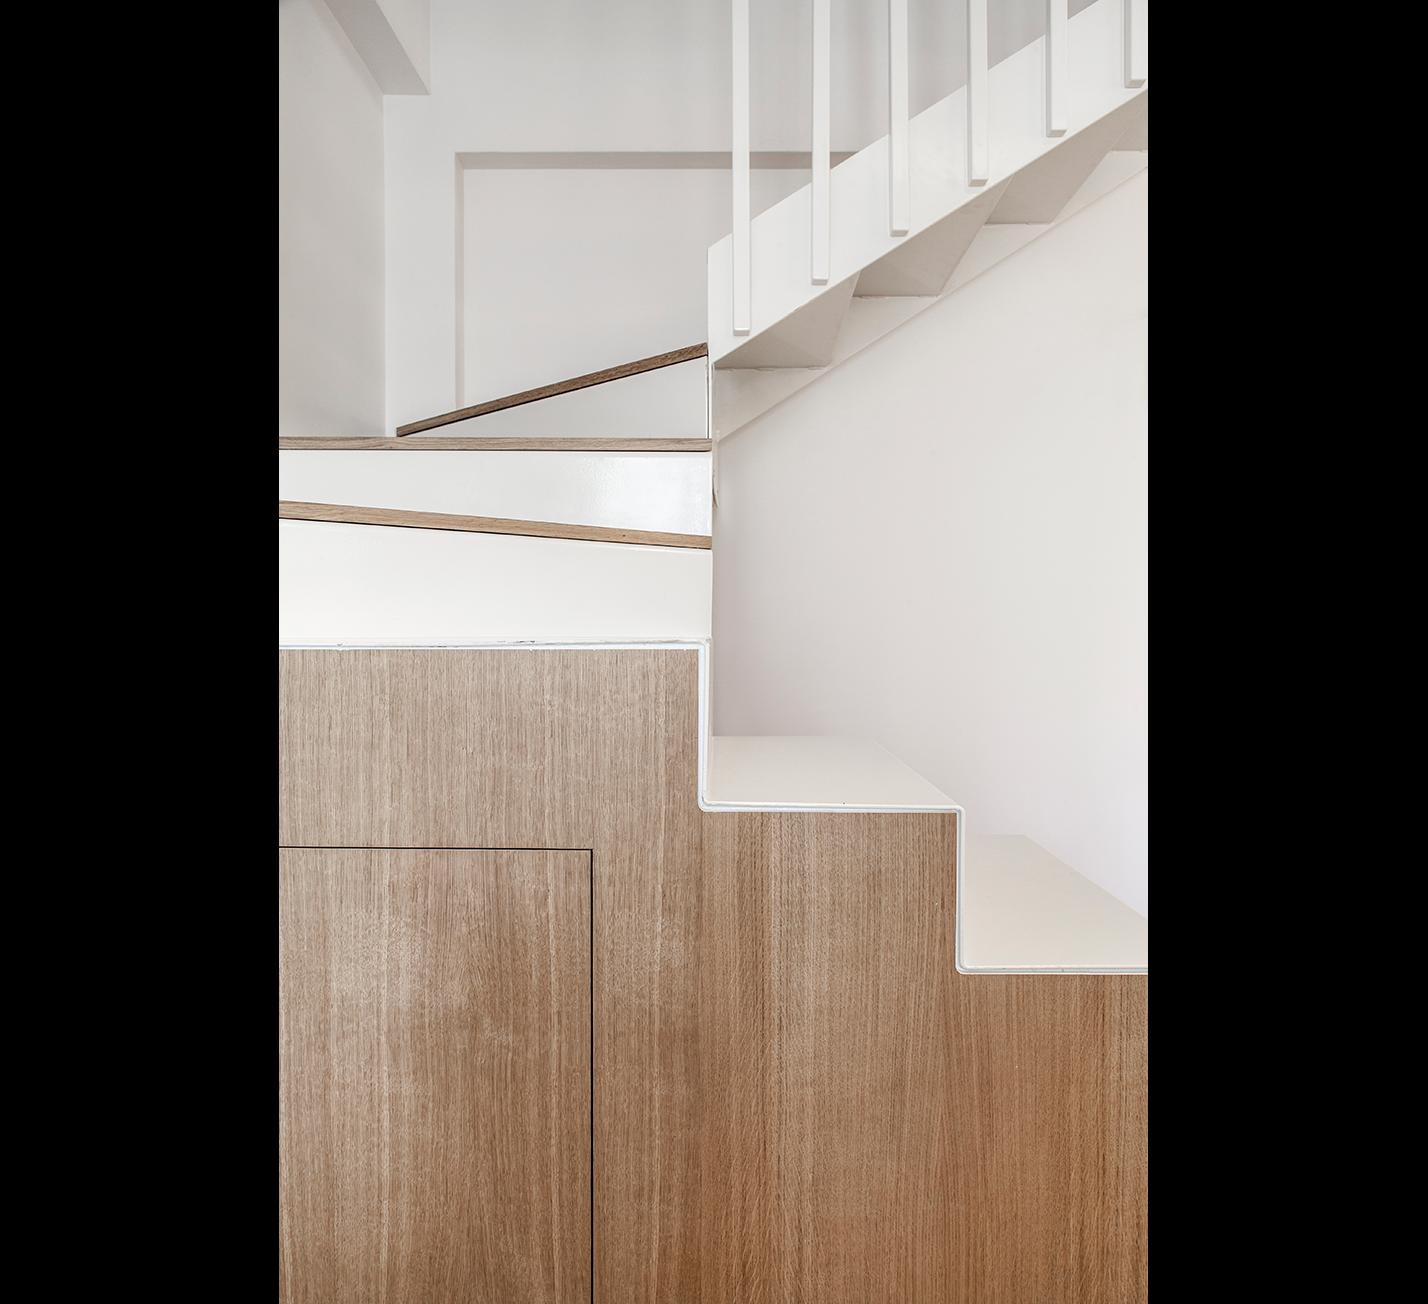 Projet-Pigalle-Atelier-Steve-Pauline-Borgia-Architecture-interieur-11